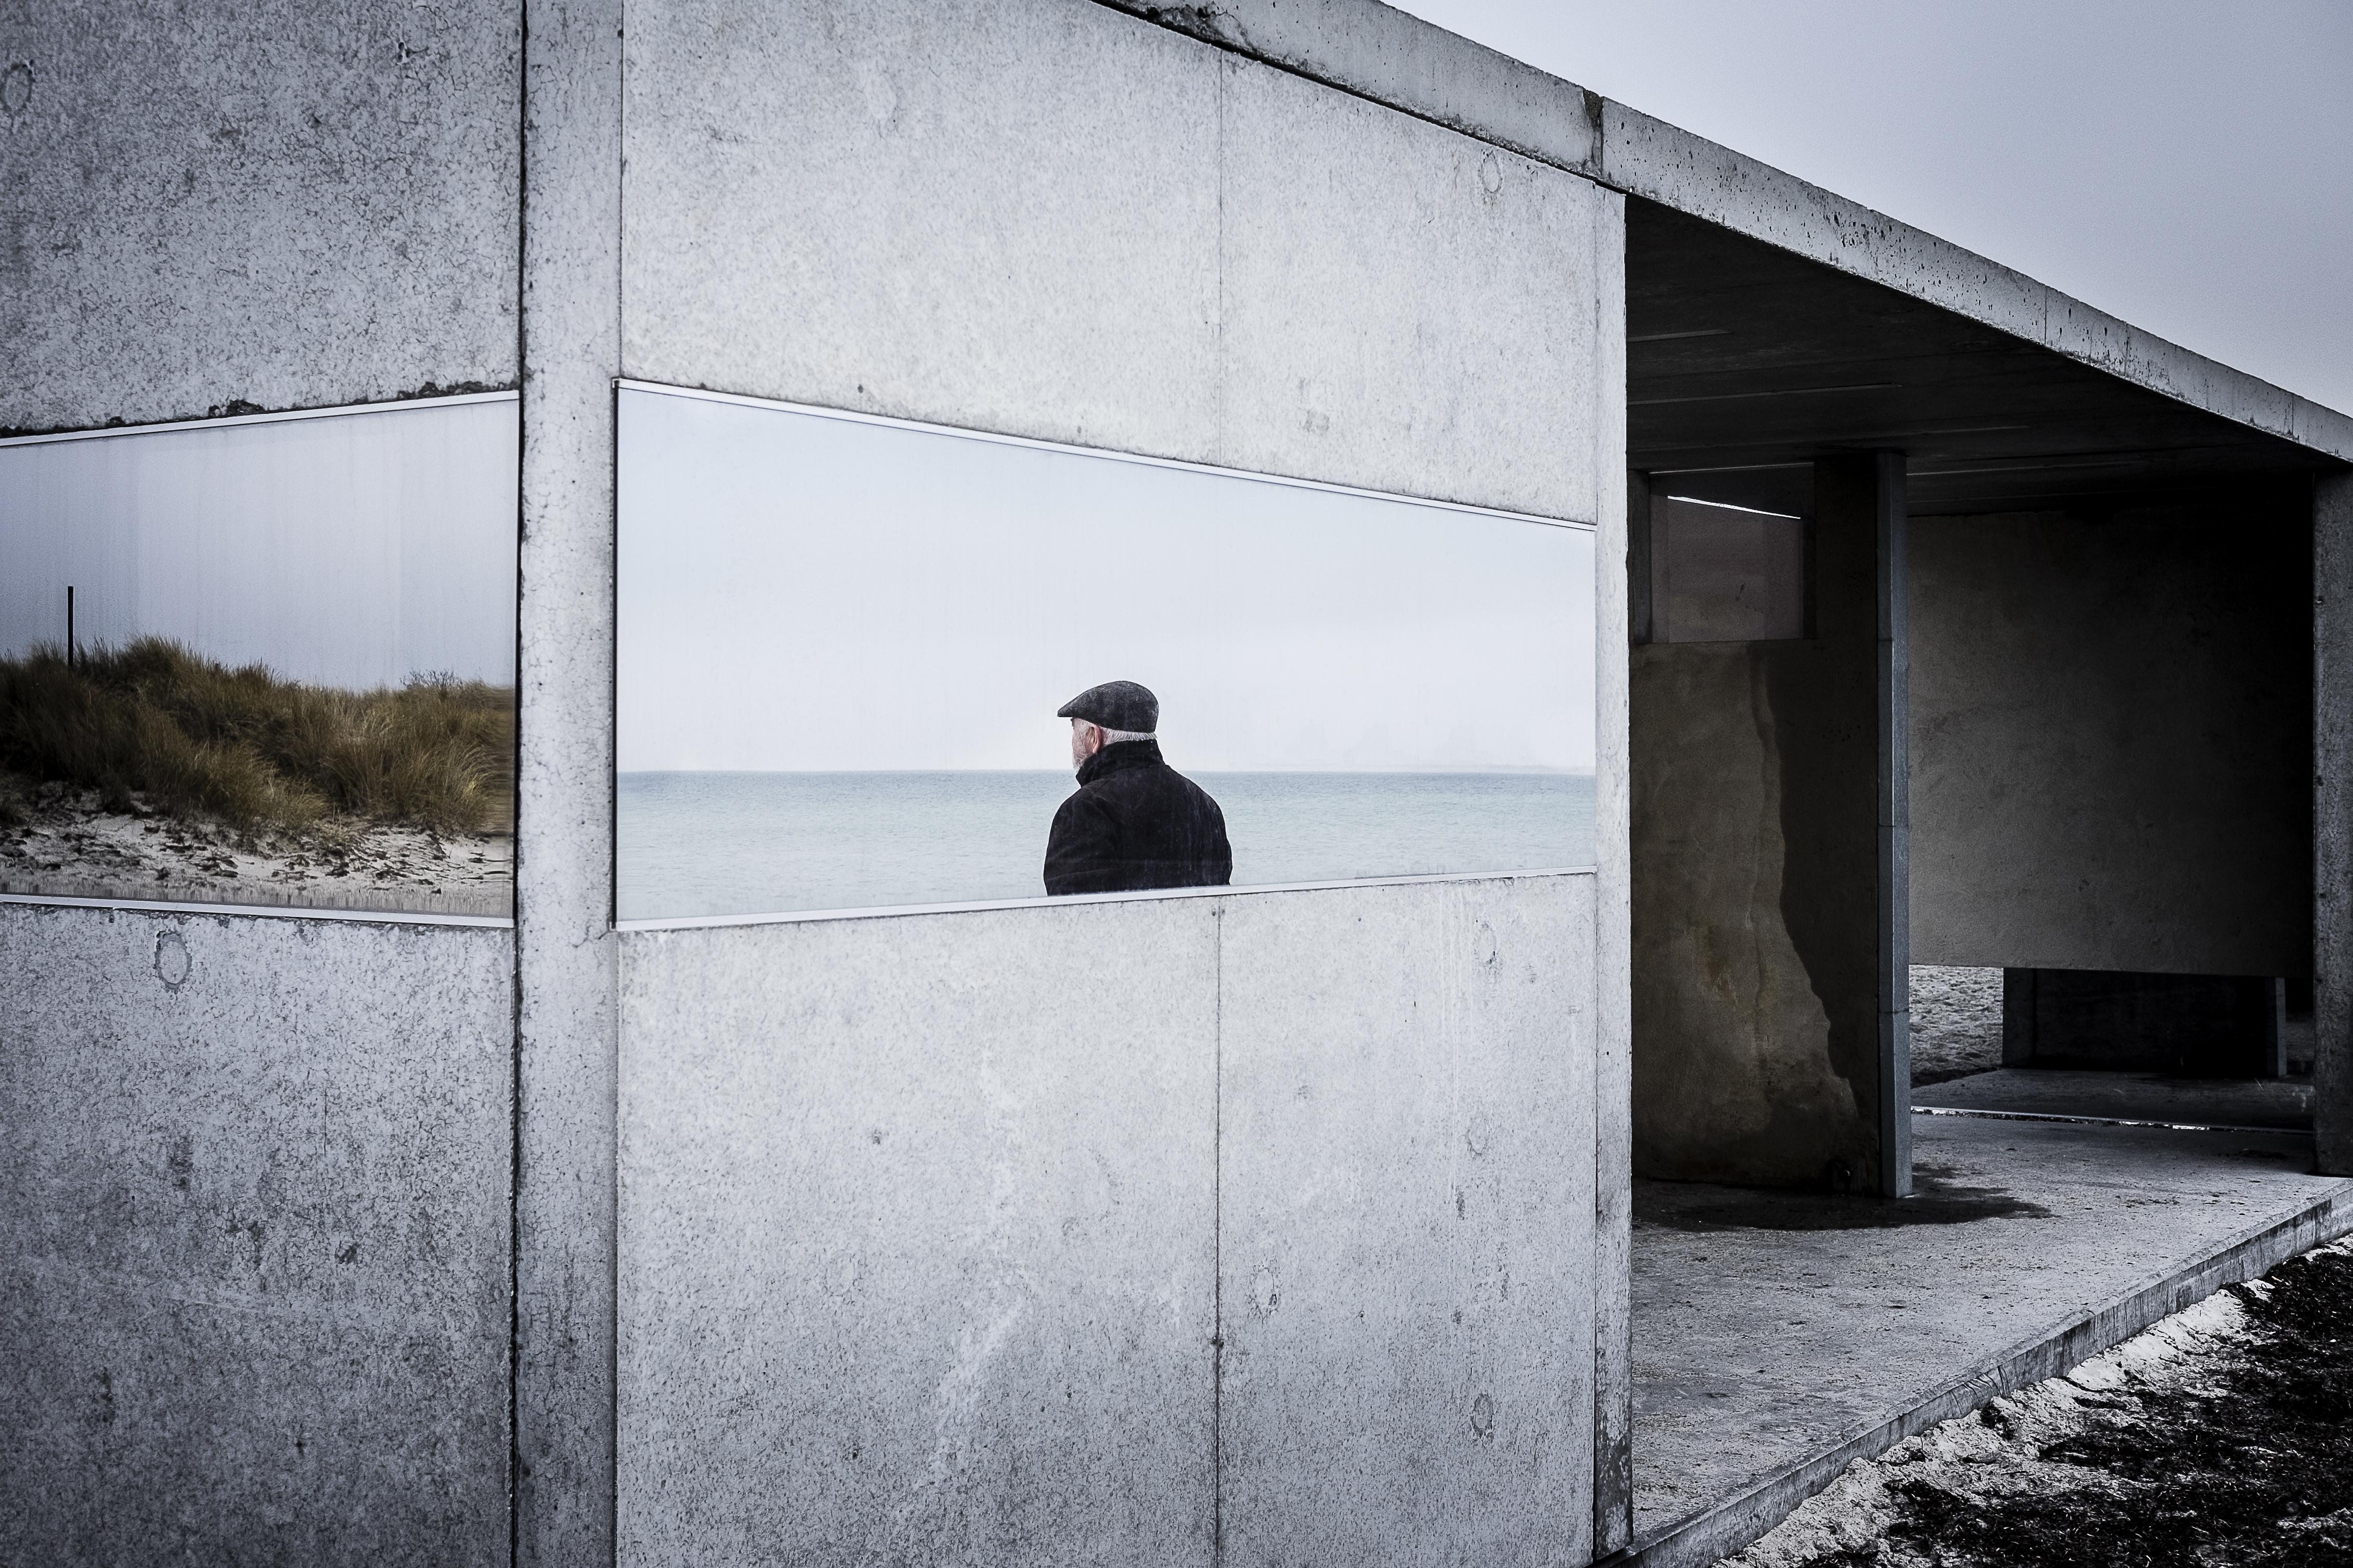 da85313ed8a Snup et foto af flot beton og vind 5.000 kr.   Dansk Byggeri